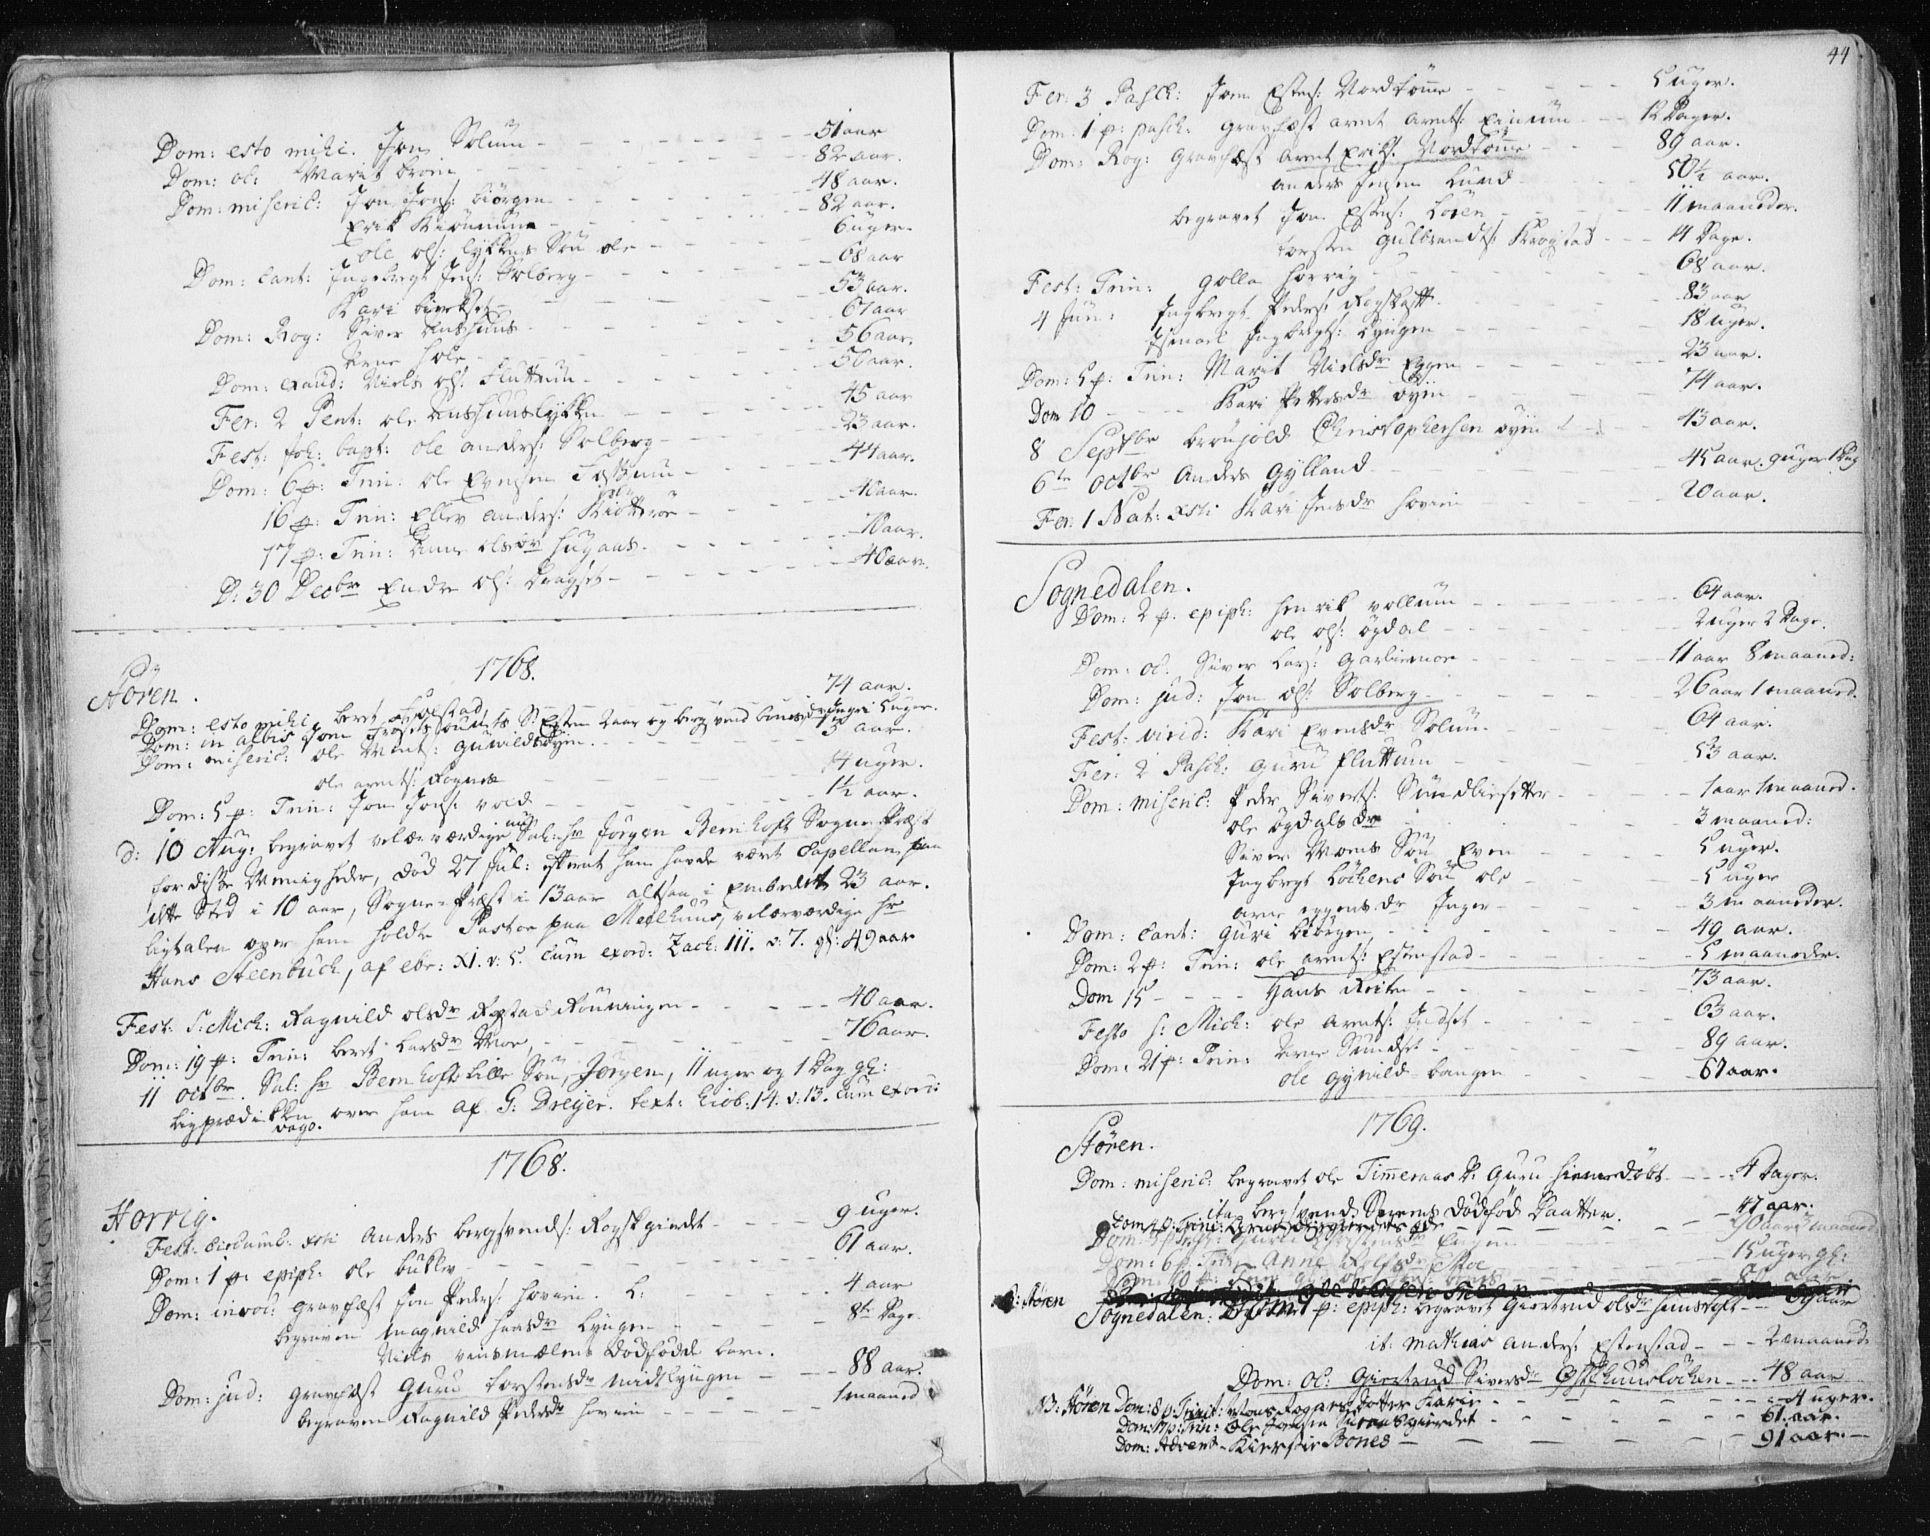 SAT, Ministerialprotokoller, klokkerbøker og fødselsregistre - Sør-Trøndelag, 687/L0991: Ministerialbok nr. 687A02, 1747-1790, s. 44